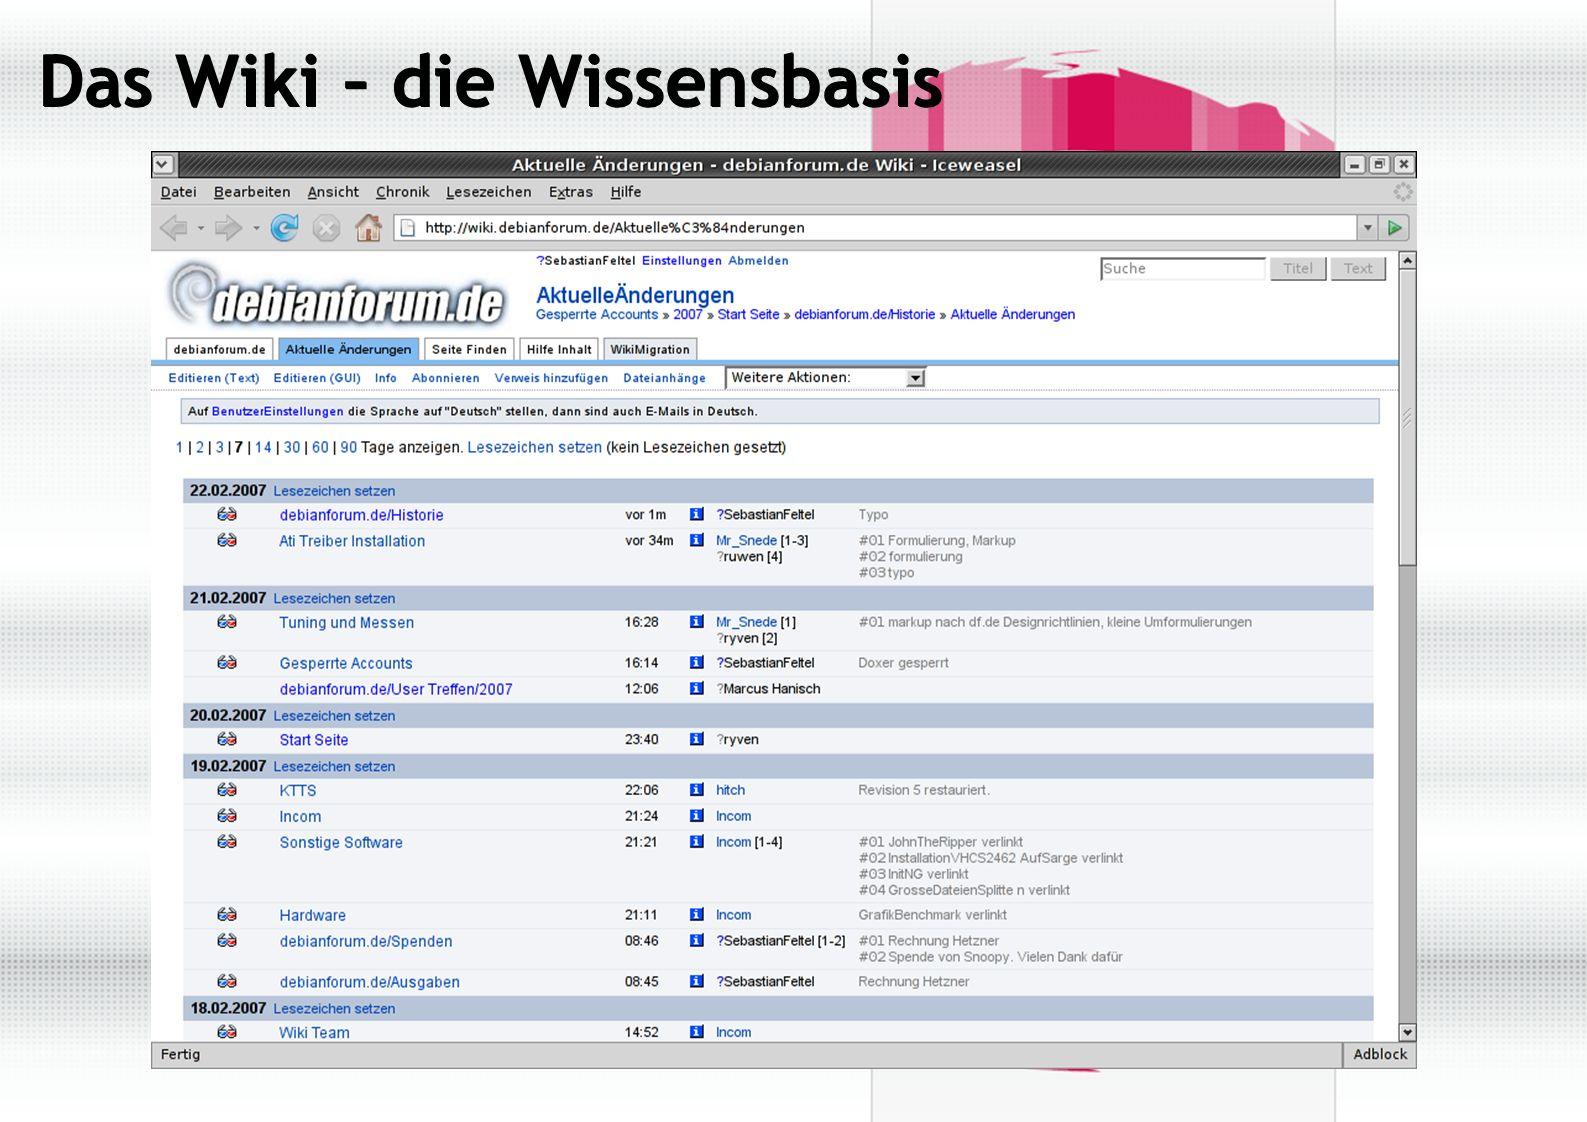 Chronik ● 17.03.2001: debianforum.de wird nach einem Posting auf der debian- user-de Mailingliste eingerichtet und basiert vorerst auf phpNuke ● 20.12.2001: die Seite wird auf phpBB 2.0 umgestellt und erhält ein neues Design ● 09.07.2002: Erstmalige Erwähnung in den Debian Weekly News 26/2002.